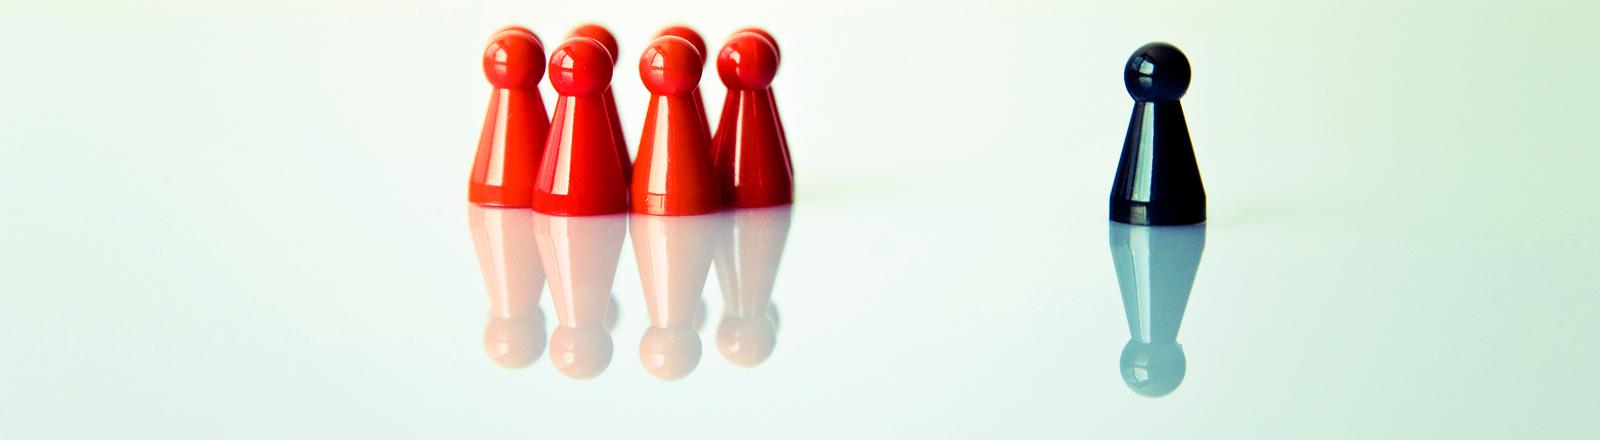 Sechs rote Spielfiguren und eine schwarze.